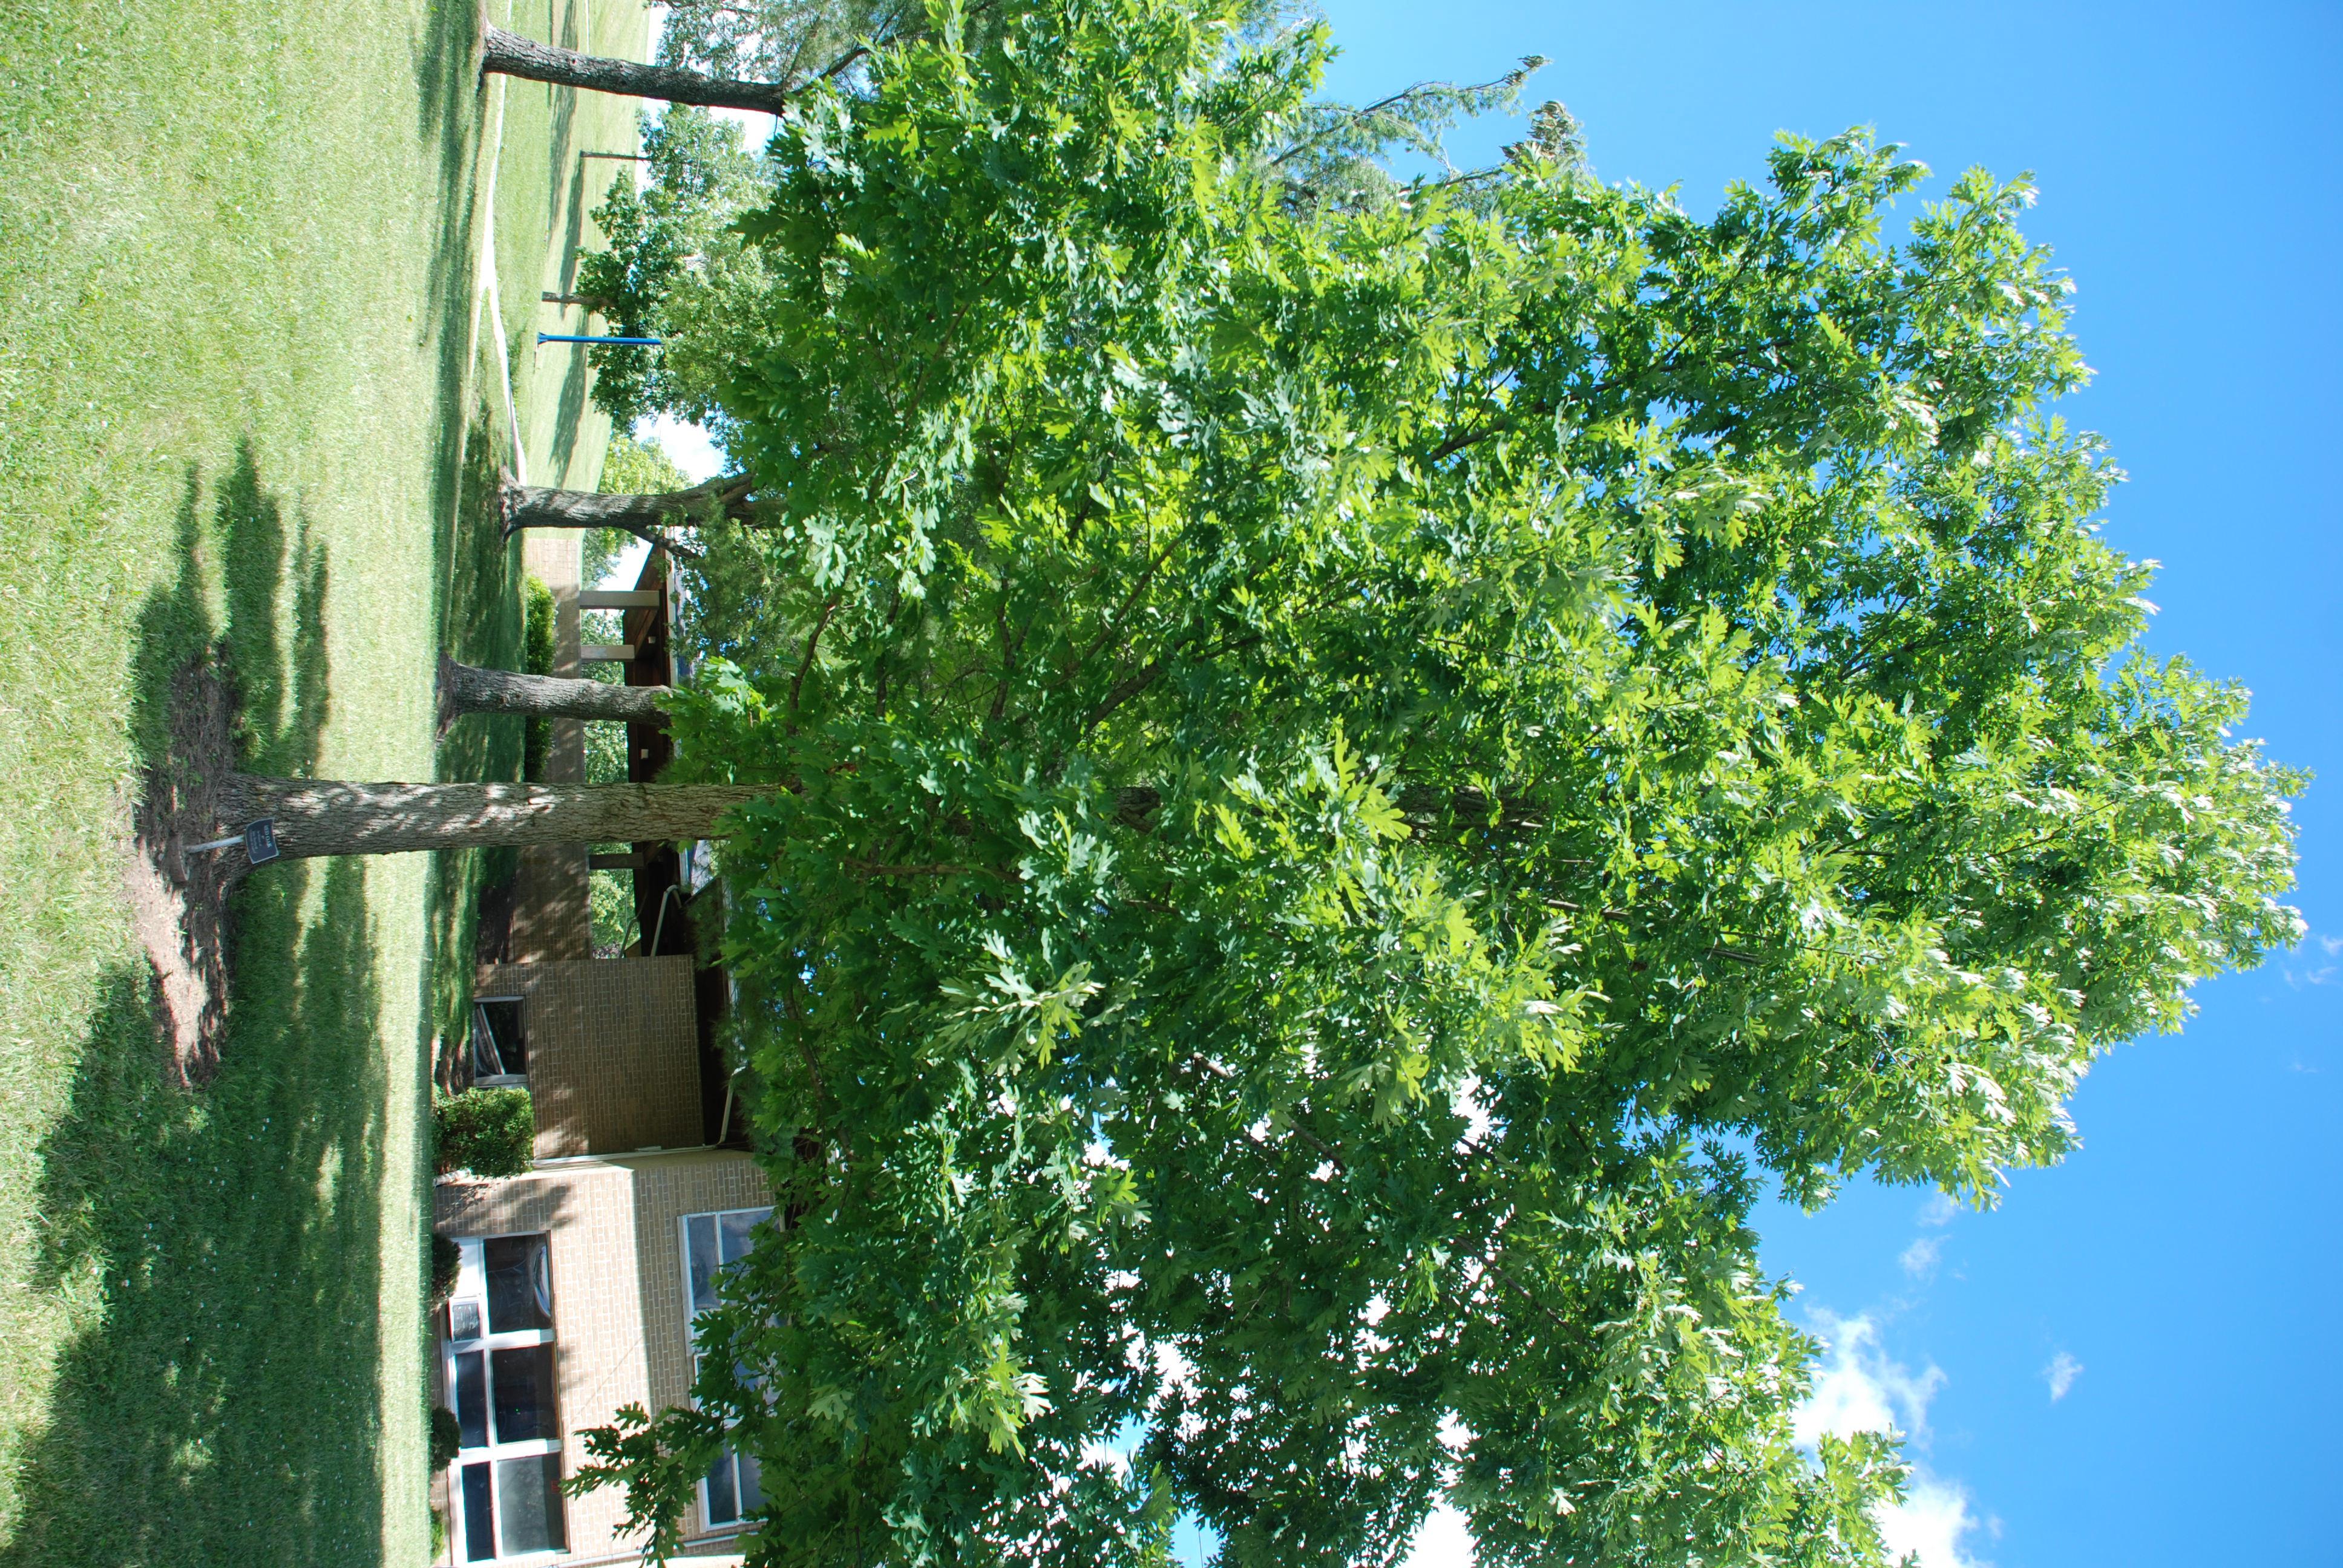 apt trees